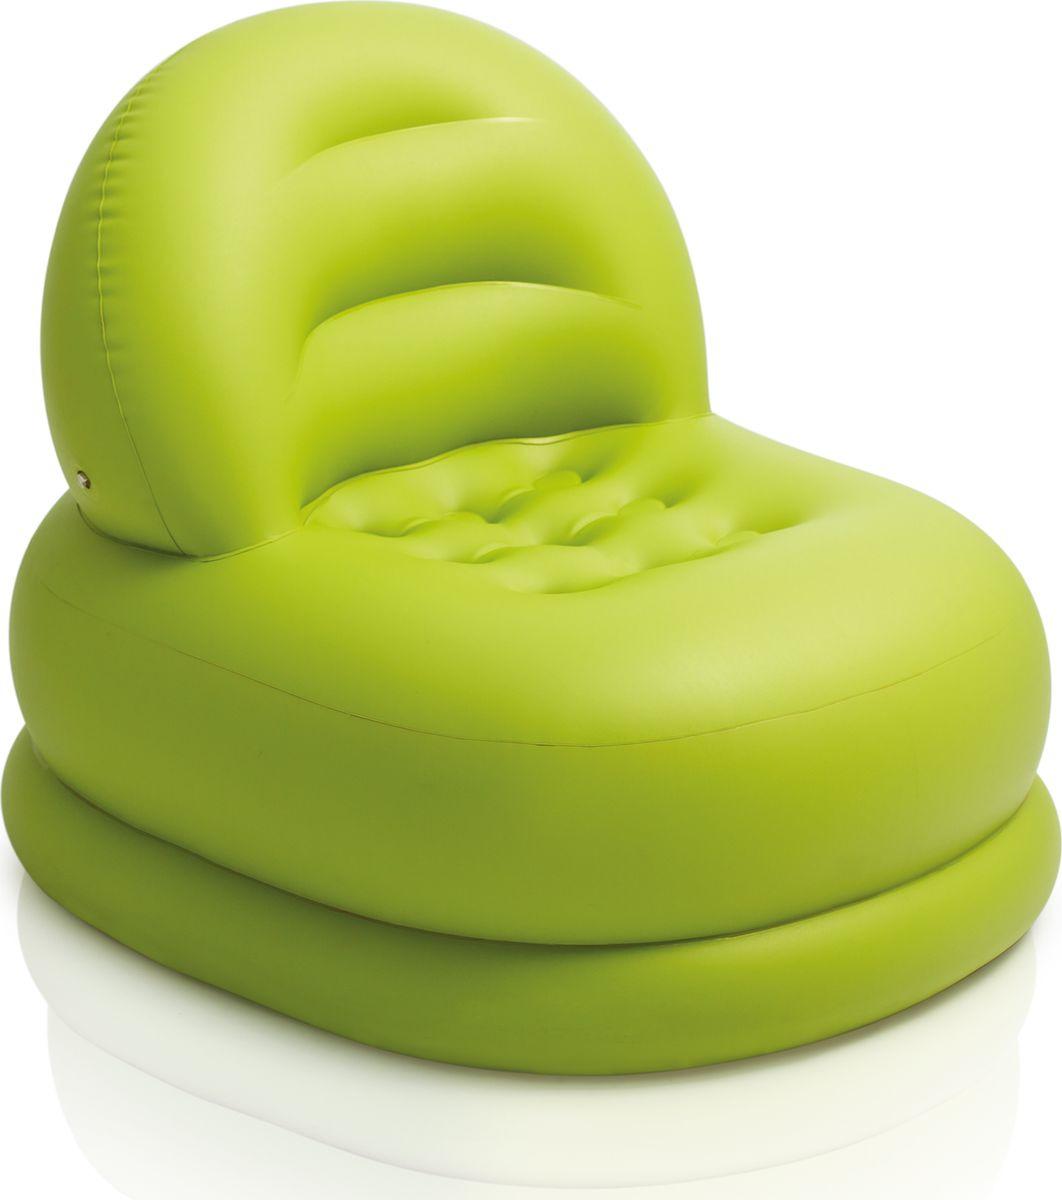 Кресло надувное Intex, с68592, 84 х 99 х 76 смс68592Современное, удобное и стильное надувное кресло - верный способ сделать Ваш отдых комфортным. Это лучшее место, чтобы расслабиться. Поставляется в нескольких цветах, чтобы соответствовать Вашему уникальному стилю: розовый, зеленый и белый.Насос в комплект не входит и приобретается отдельно. Рекомендуем!